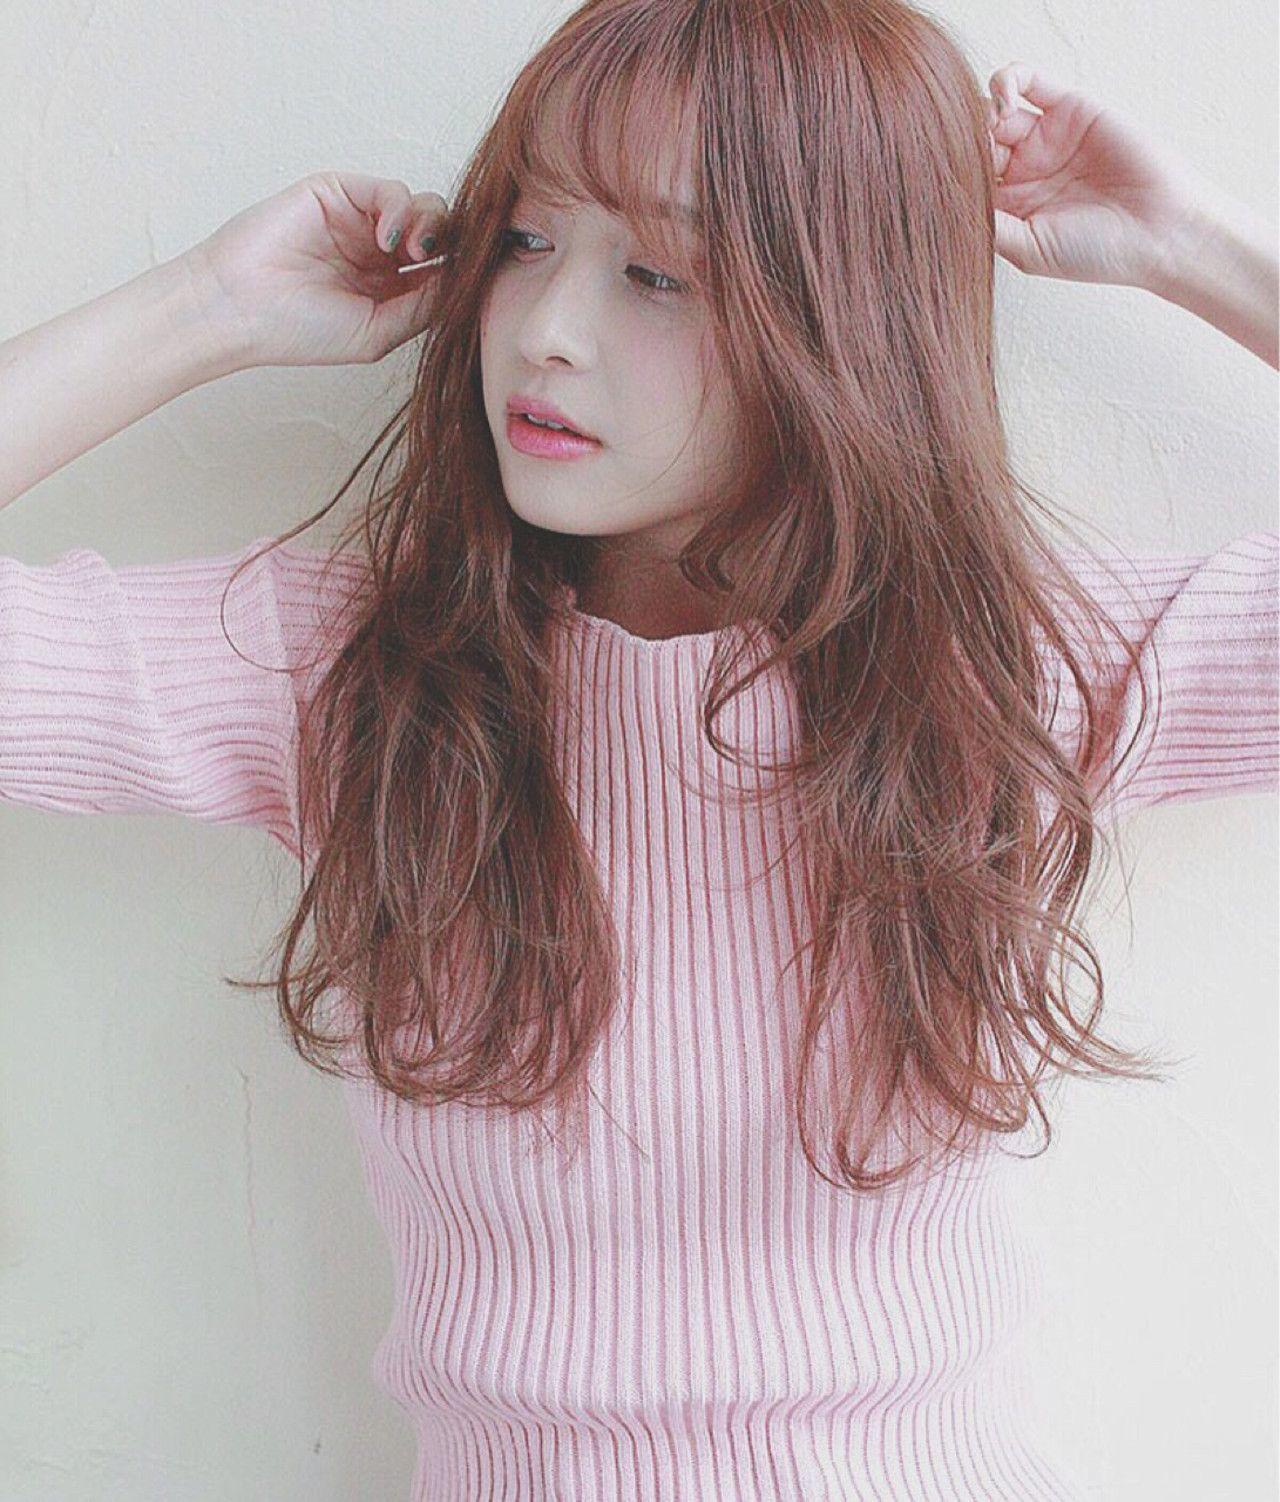 明るめピンクアッシュは、ピンクがしっかり発色されて外国人風ヘアカラーに。 ブリーチをしてカラーリングする、もしくはもともと明るい髪色にピンクアッシュをカラー